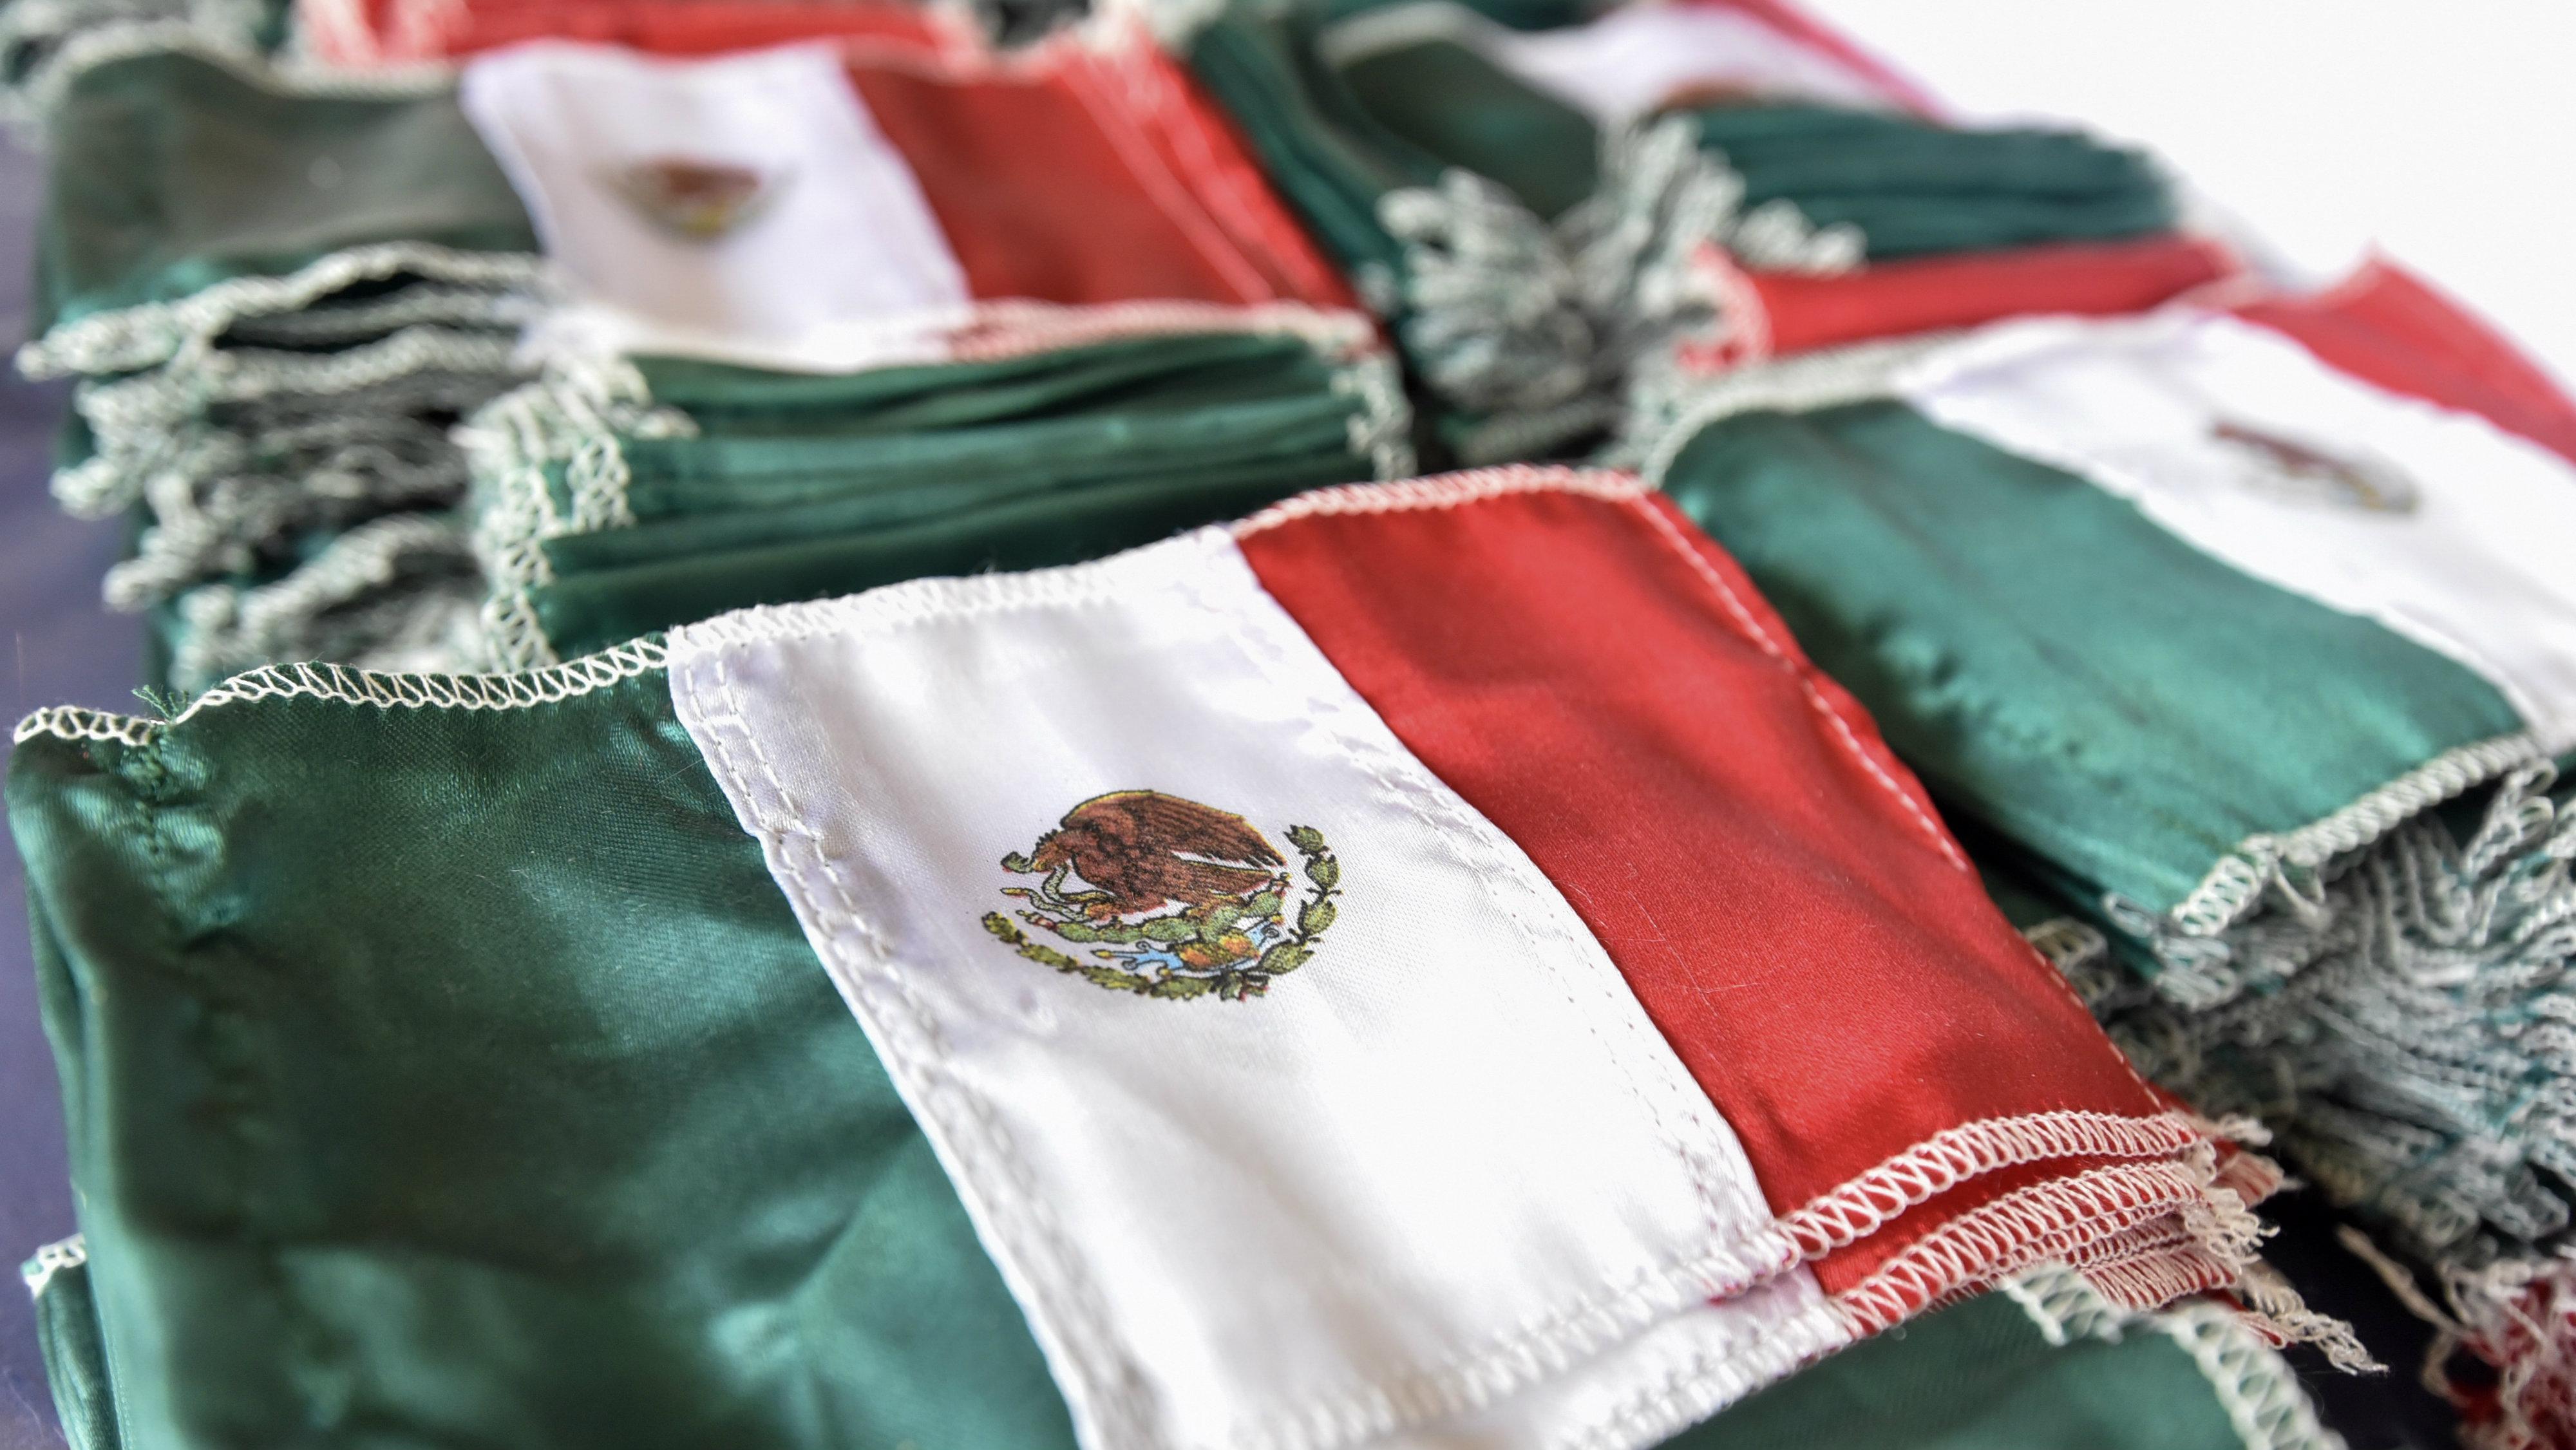 zocalo mexico 15 septiembre